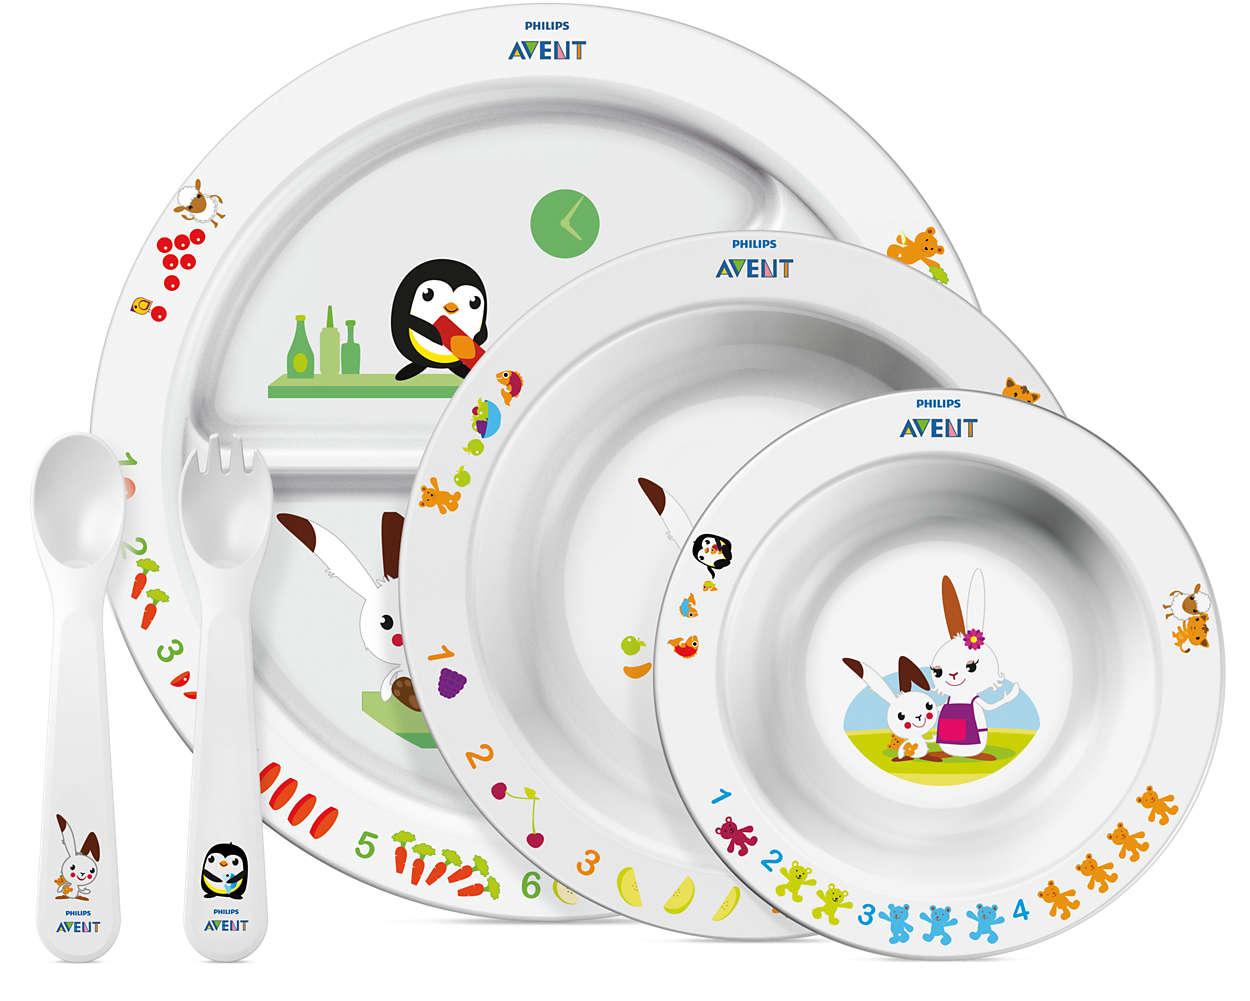 Avent Σετ Φαγητού για Νήπια απο 6 Μηνών+ μητέρα παιδί   αξεσουάρ και παιχνίδια   βρεφικά   παιδικά σετάκια φαγητού